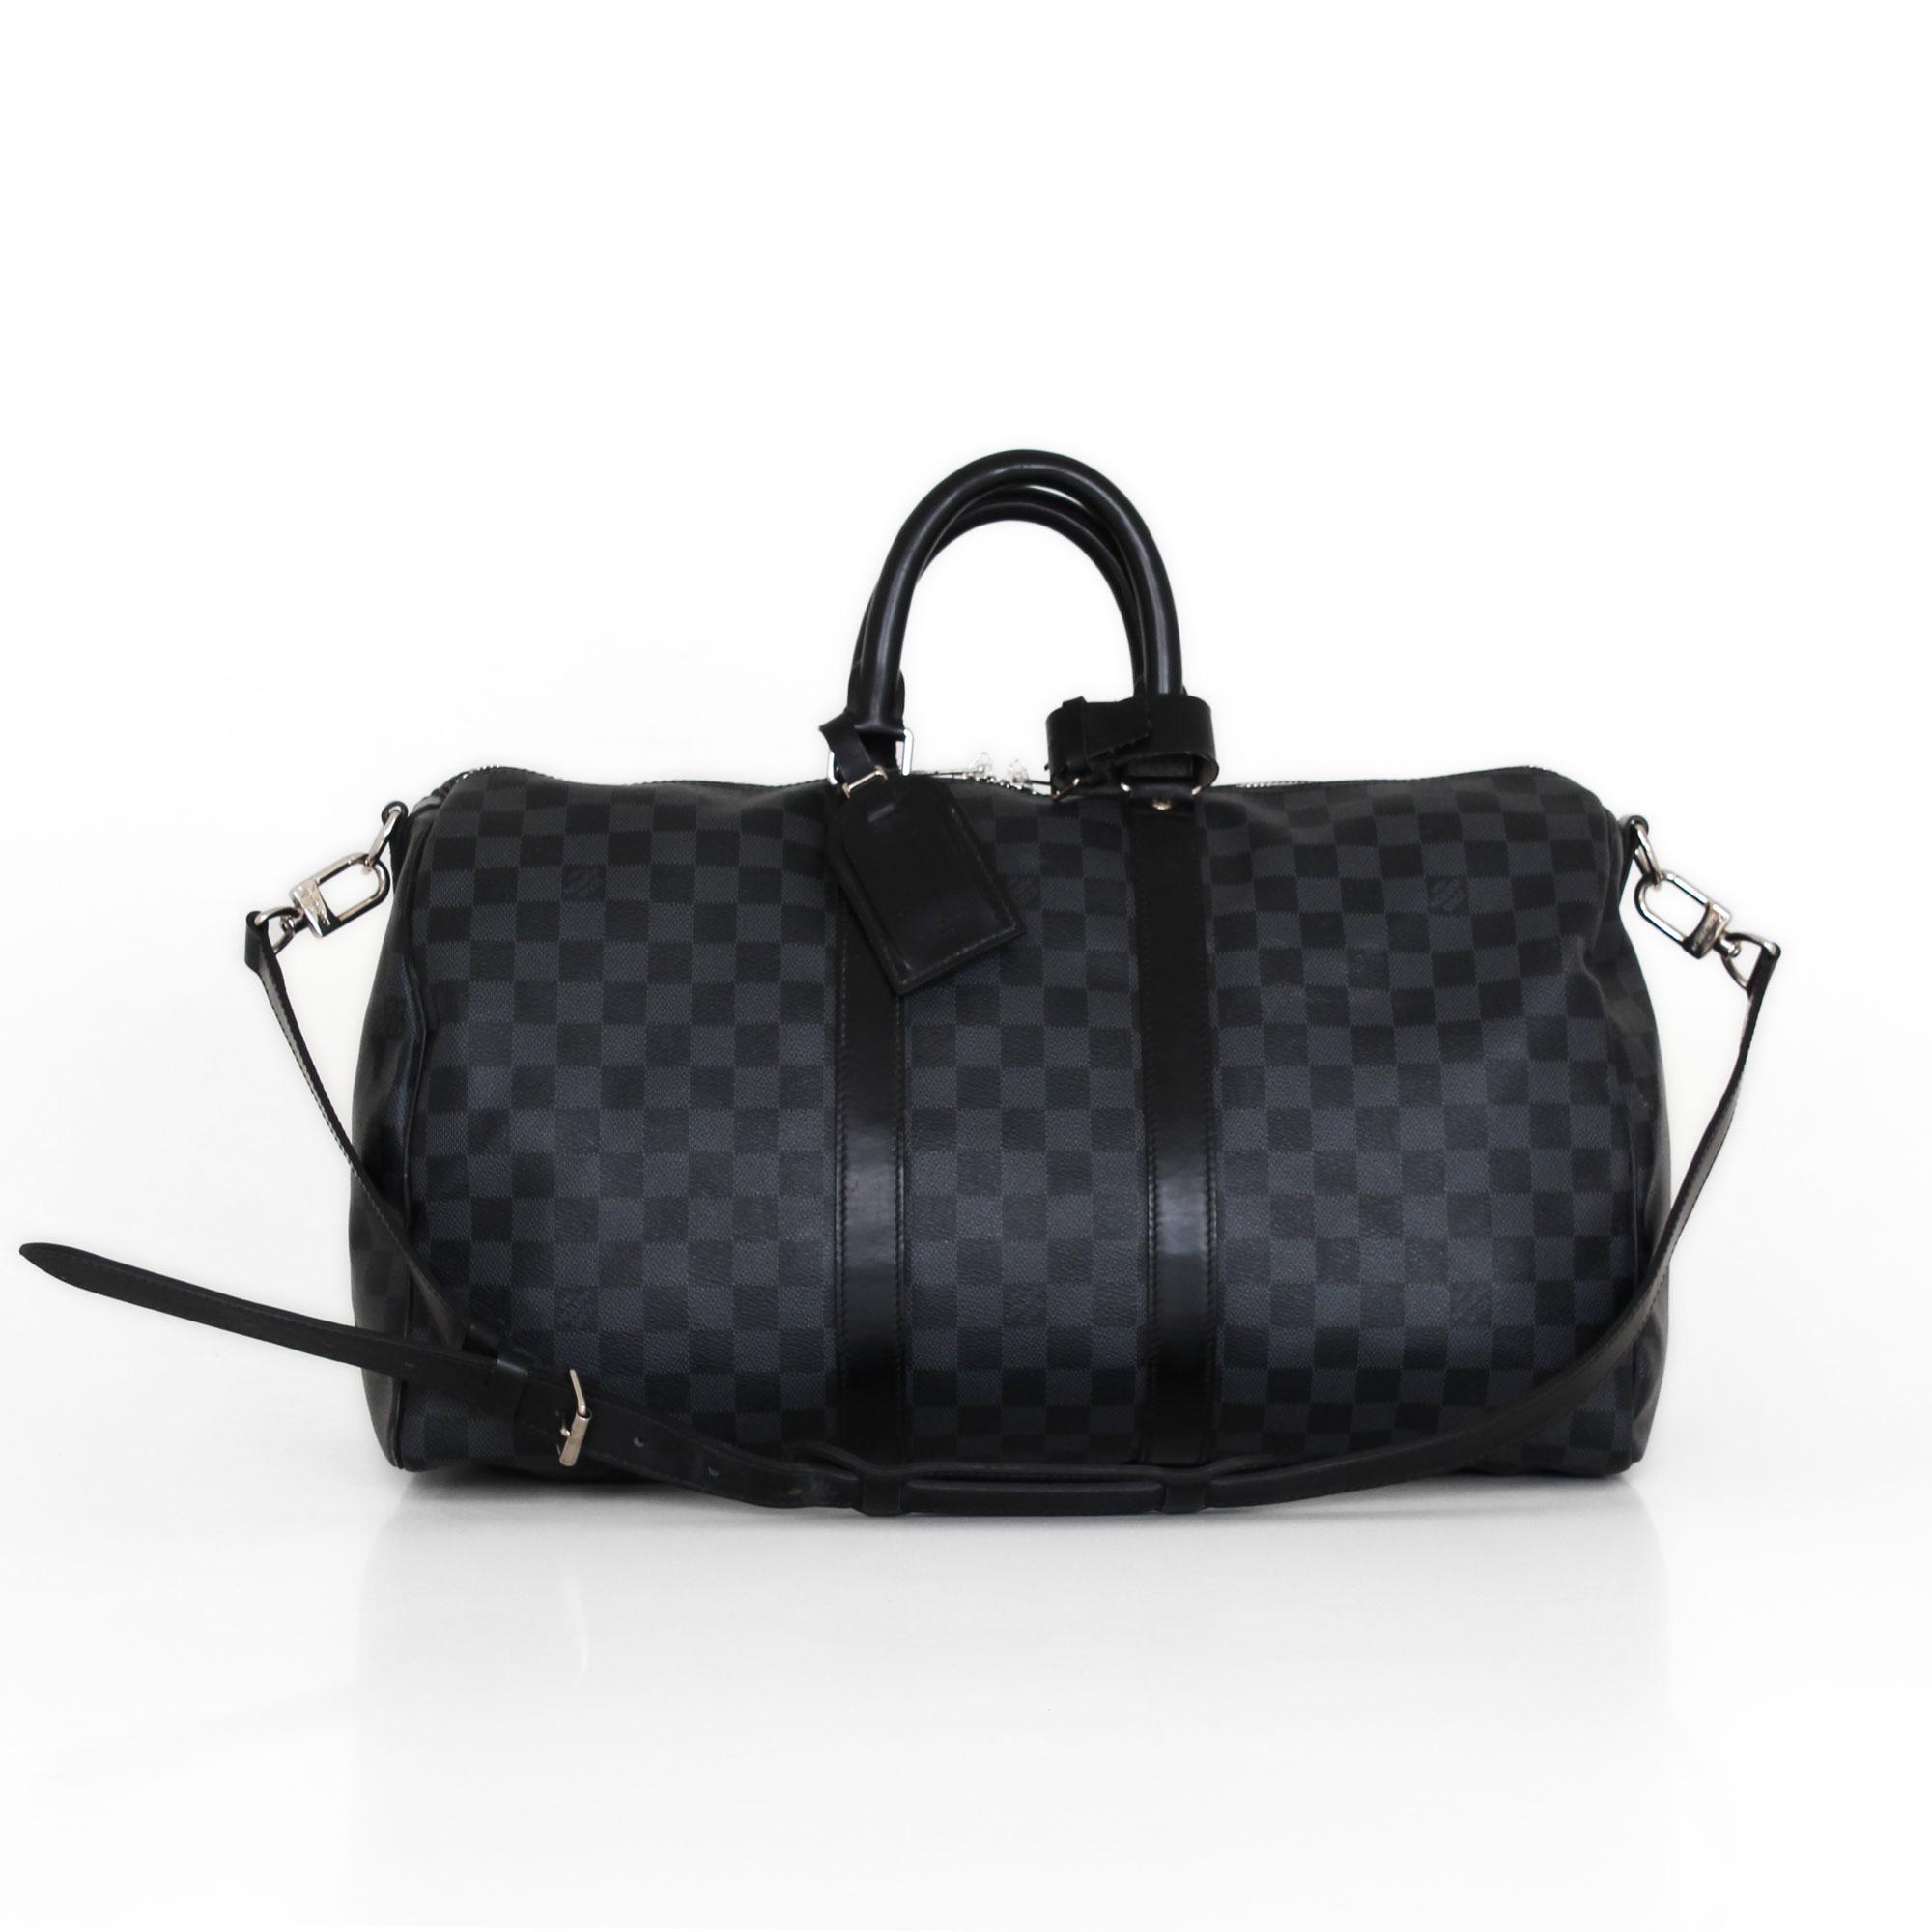 e83ac304a Venta bolsos segunda mano | Bolso Louis Vuitton Keepall | CBL Bags